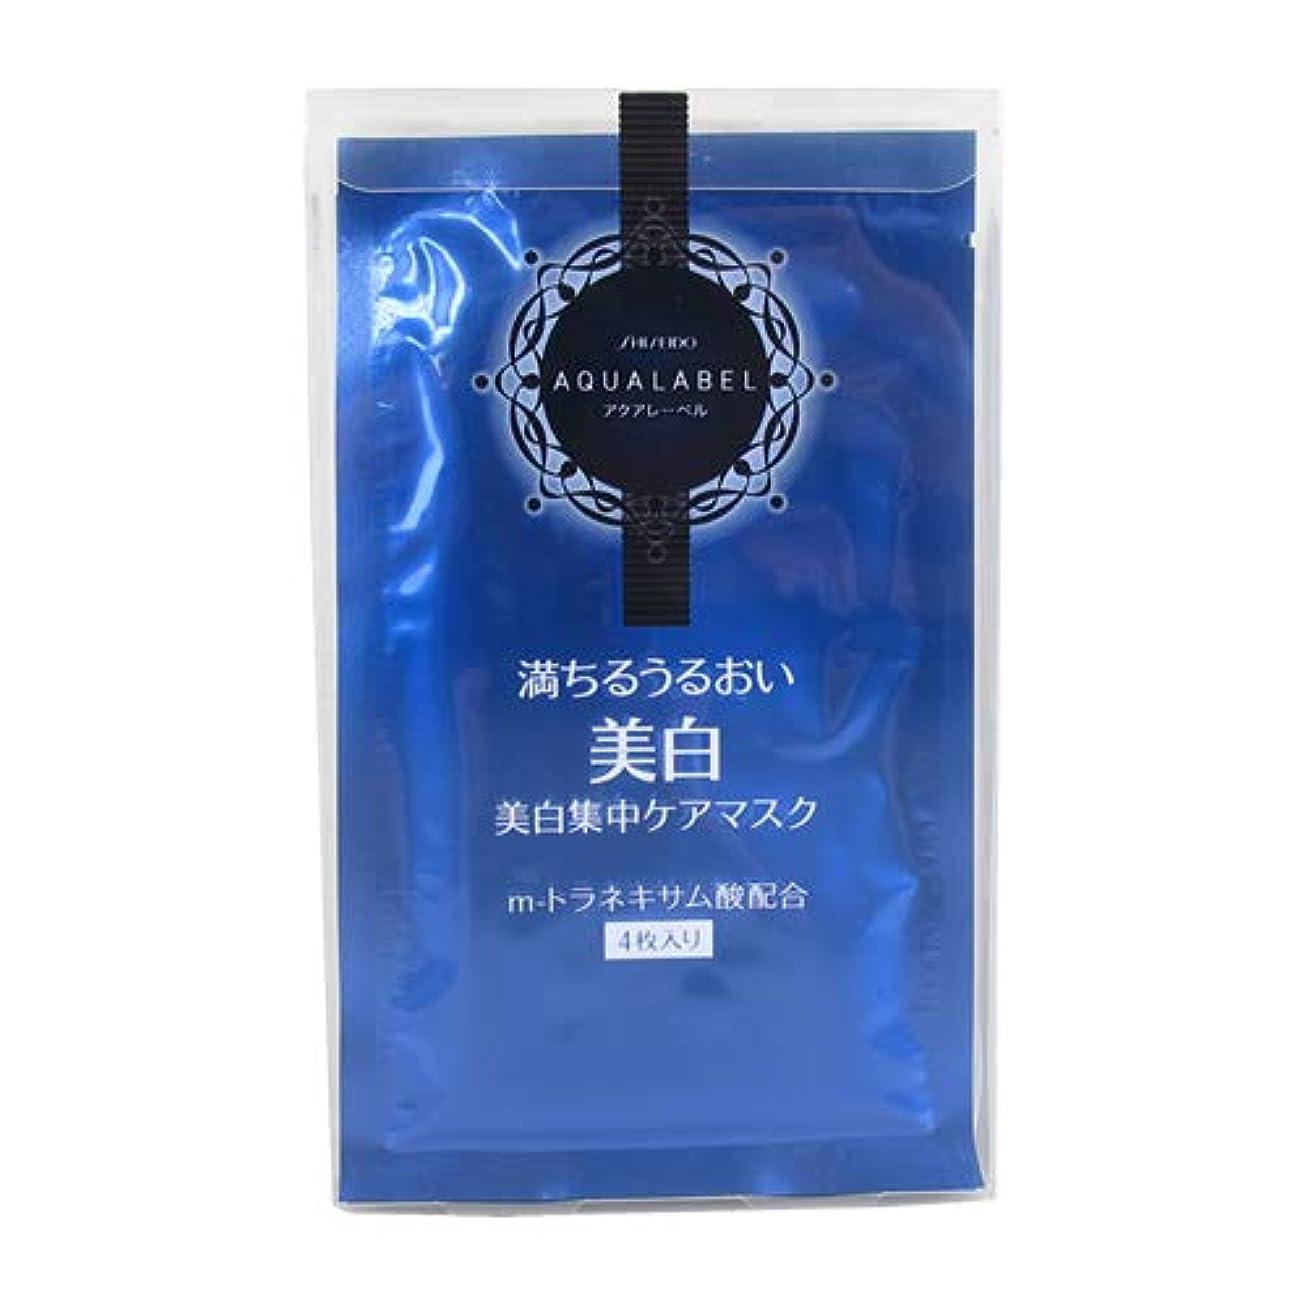 効果的にによると種類資生堂 SHISEIDO アクアレーベル リセットホワイトマスク(4枚入り) 4枚x18ml [並行輸入品]